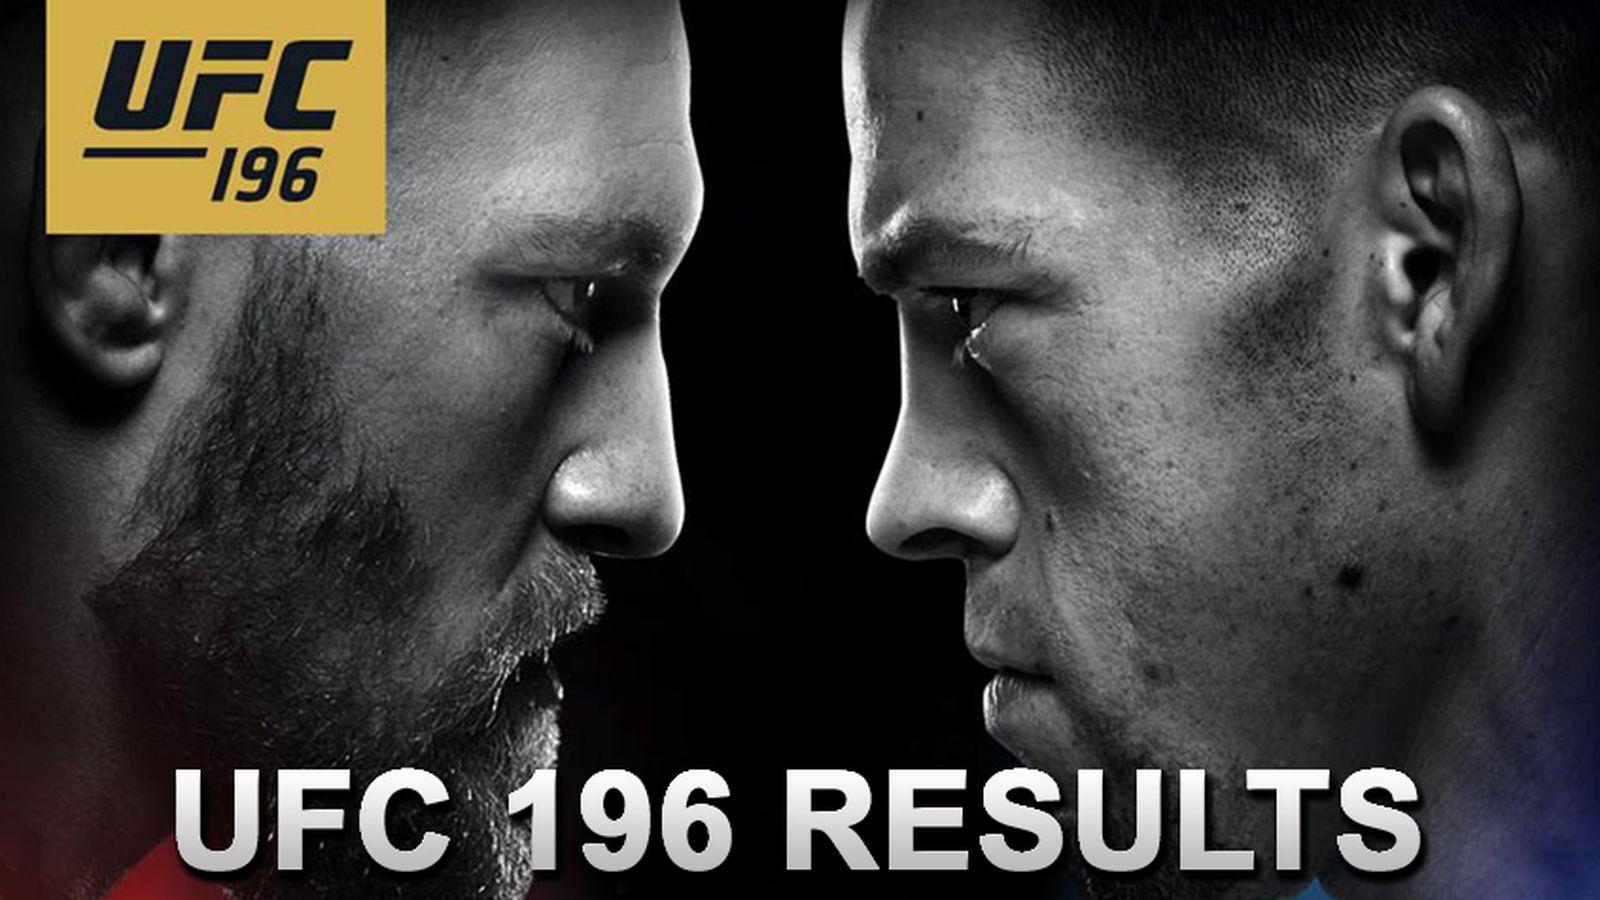 Nascar Live Stream Free >> UFC 196 live stream results: 'McGregor vs Diaz' play-by ...